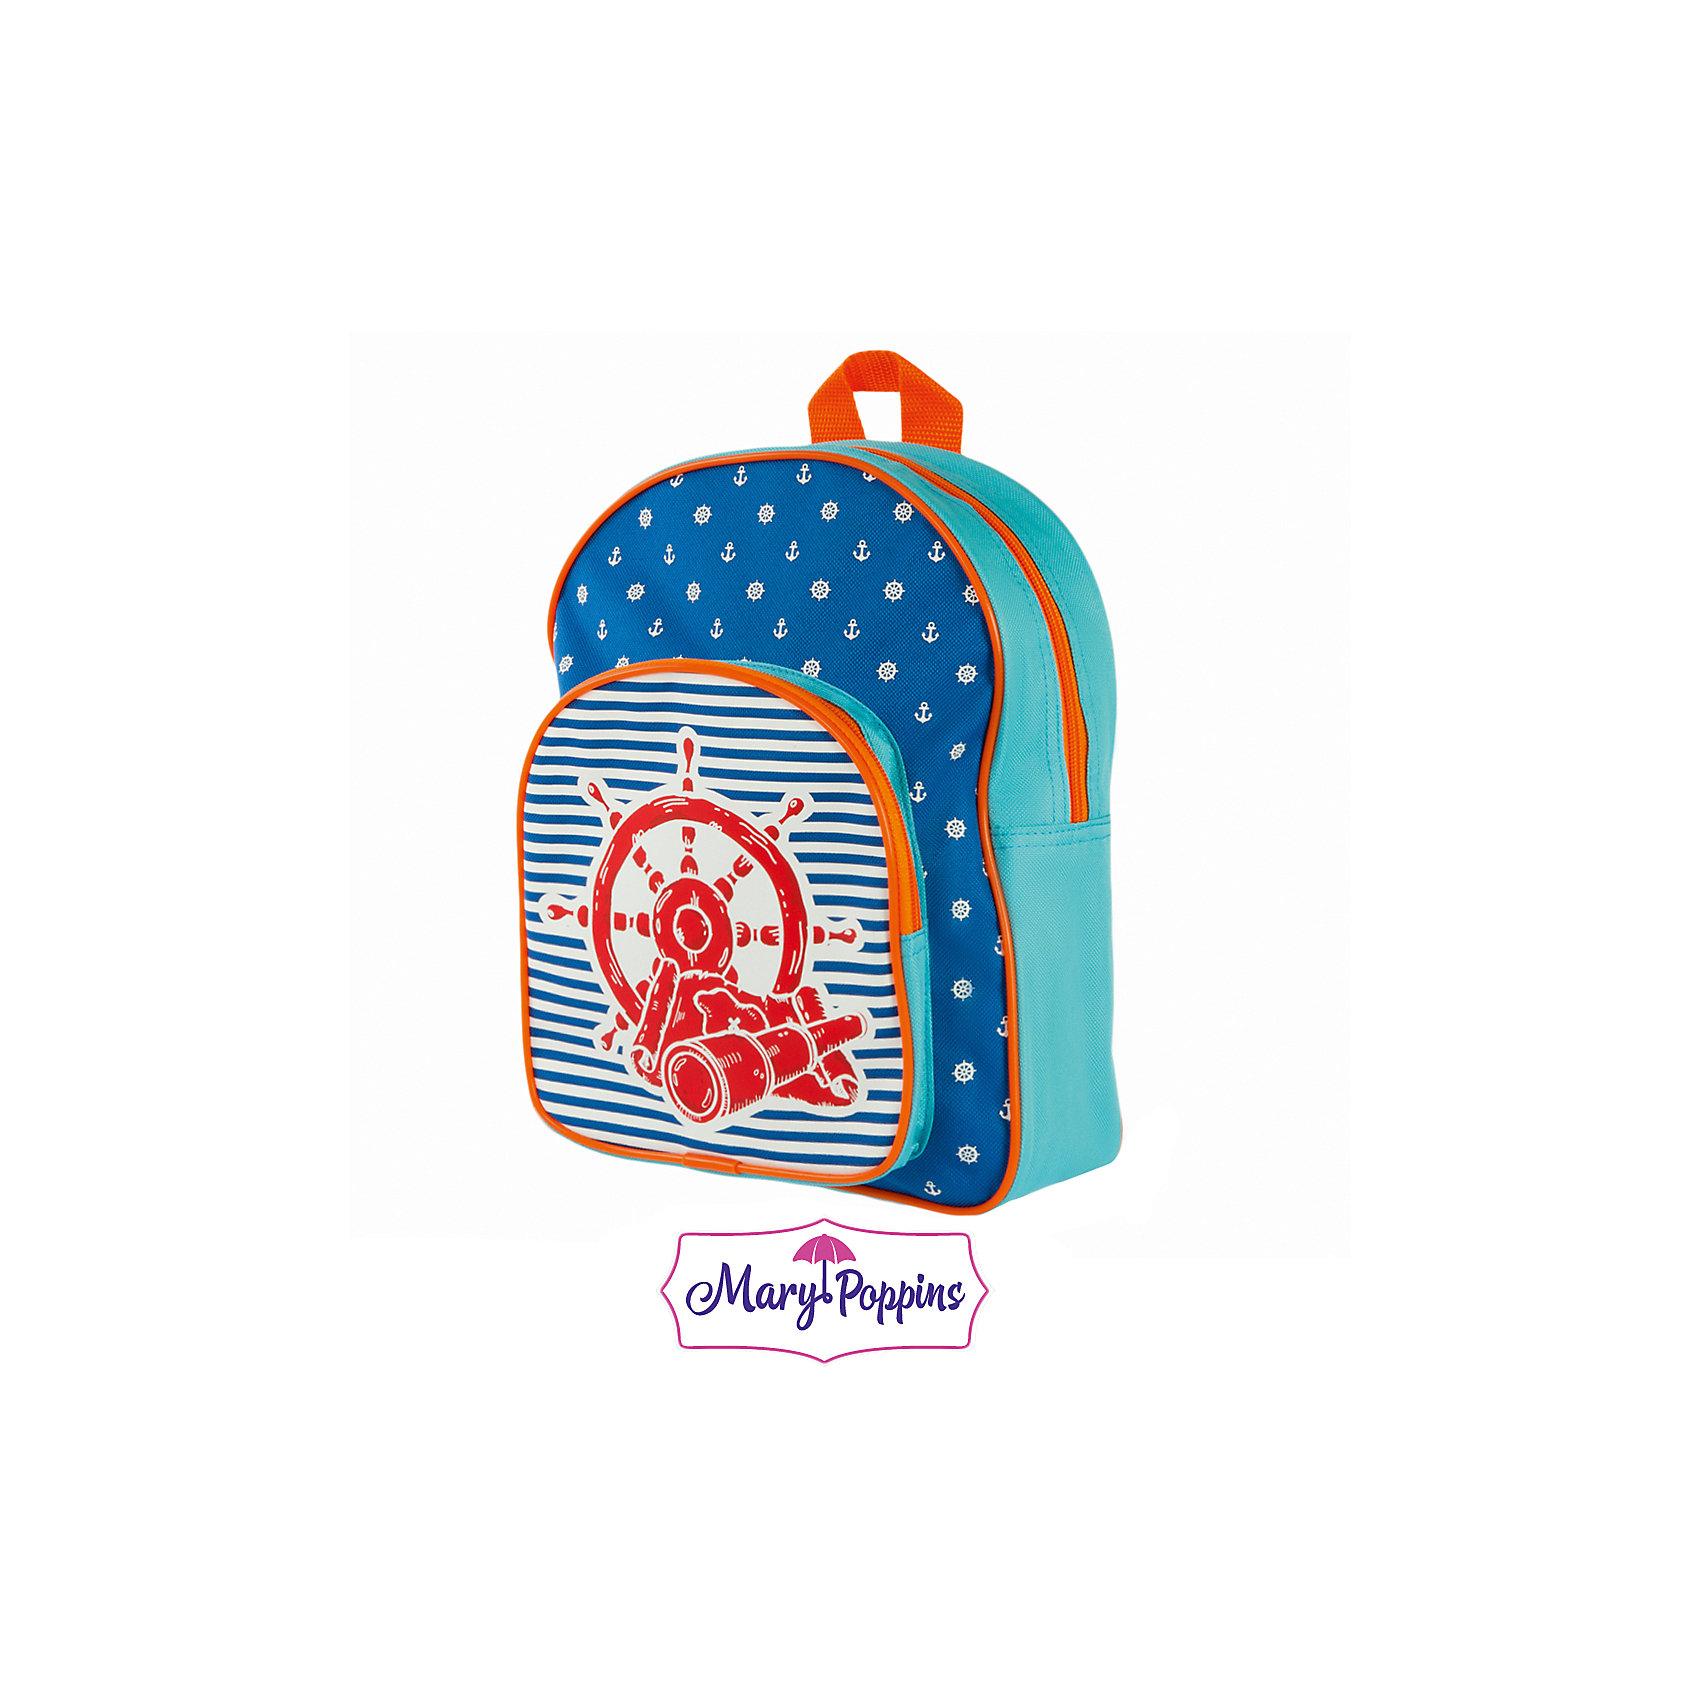 Рюкзак Море 25*10*30см.Детские рюкзаки<br>Рюкзак Море 25*10*30см., Mary Poppins (Мэри Поппинс)<br><br>Характеристики:<br><br>• легкий и удобный<br>• боковые сетчатые карманы<br>• застегивается на молнию<br>• размер: 25х10х30см<br>• материал: текстиль<br>• размер упаковки: 25х10х30 см<br>• вес: 217 грамм<br><br>Стильный и легкий рюкзачок от Mary Poppins  порадует любителей морской тематики. Рюкзак выполнен в морском стиле и дополнен изображением штурвала и морской звезды. Рюкзак имеет одно основное и одно дополнительное отделение, застегивающиеся на молнию. Ребенок сможет сложить в них любимые тетрадки, учебники, альбомы и канцелярские принадлежности.<br><br>Рюкзак Море 25*10*30см. , Mary Poppins (Мэри Поппинс)Вы можете купить в нашем интернет-магазине.<br><br>Ширина мм: 250<br>Глубина мм: 300<br>Высота мм: 1000<br>Вес г: 217<br>Возраст от месяцев: 36<br>Возраст до месяцев: 2147483647<br>Пол: Мужской<br>Возраст: Детский<br>SKU: 5508540